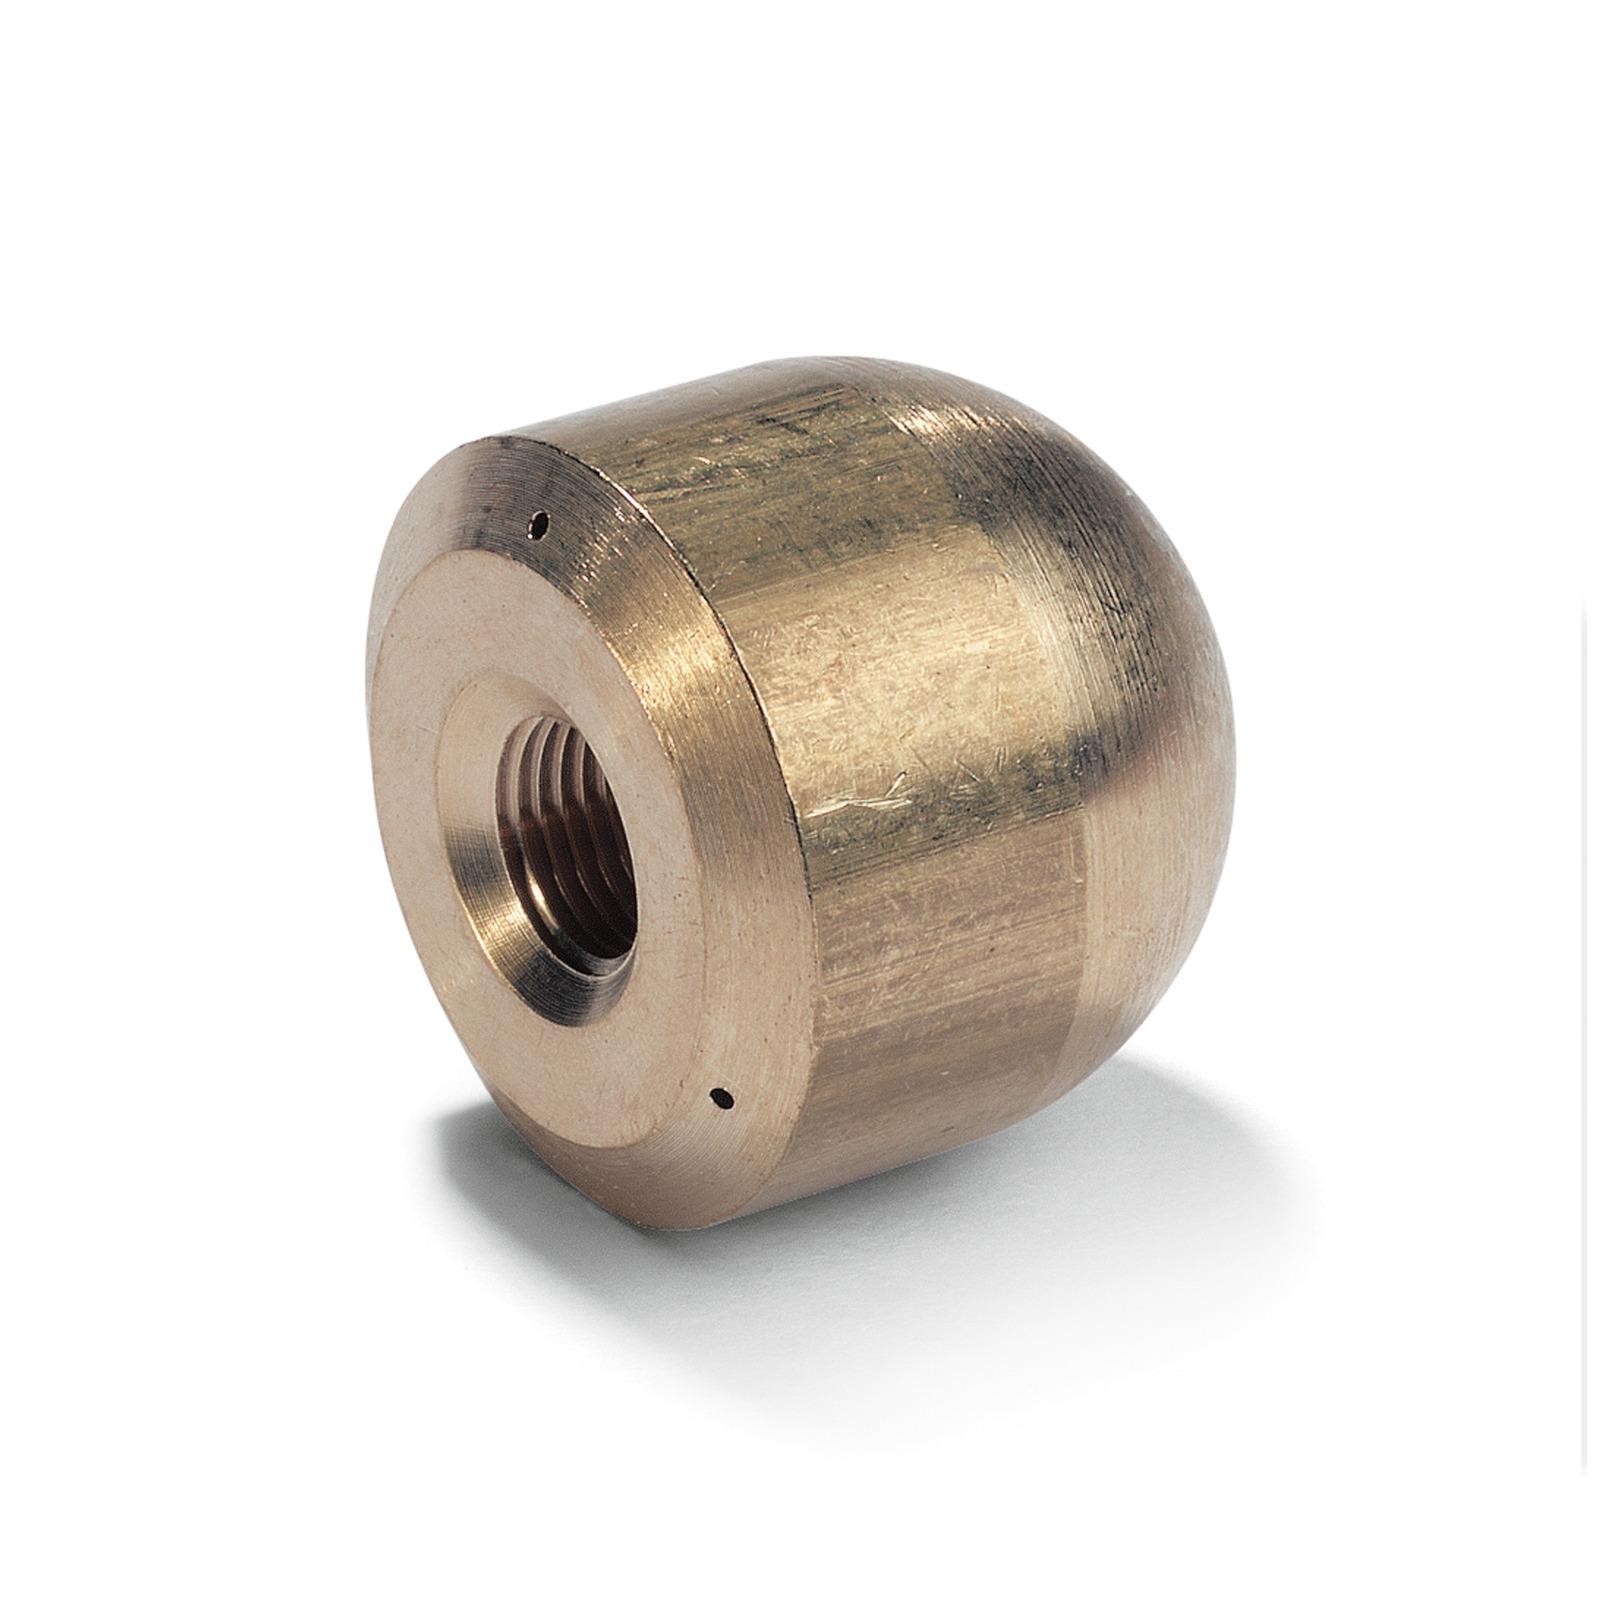 Kärcher - Tryska na čištění potrubí 070, 3x30°, 30mm